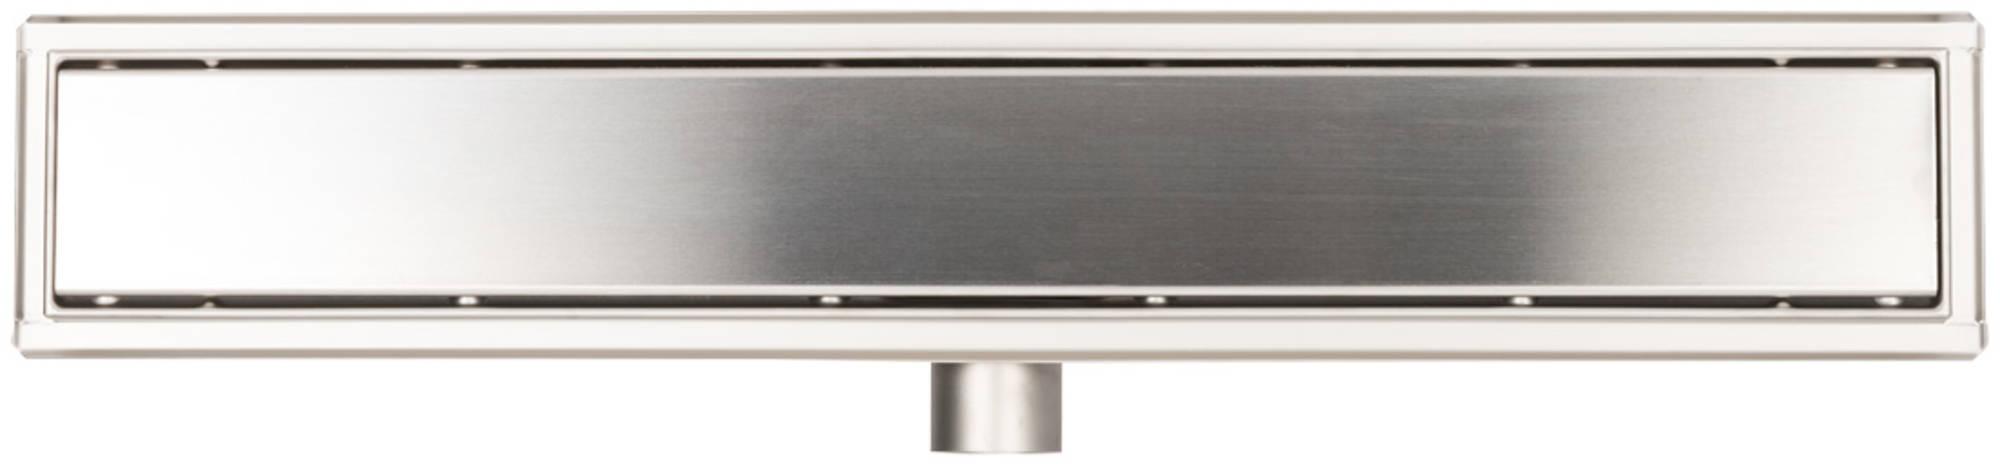 Ben Drain Complete douchegoot 70 cm RVS o50mm met dicht rooster